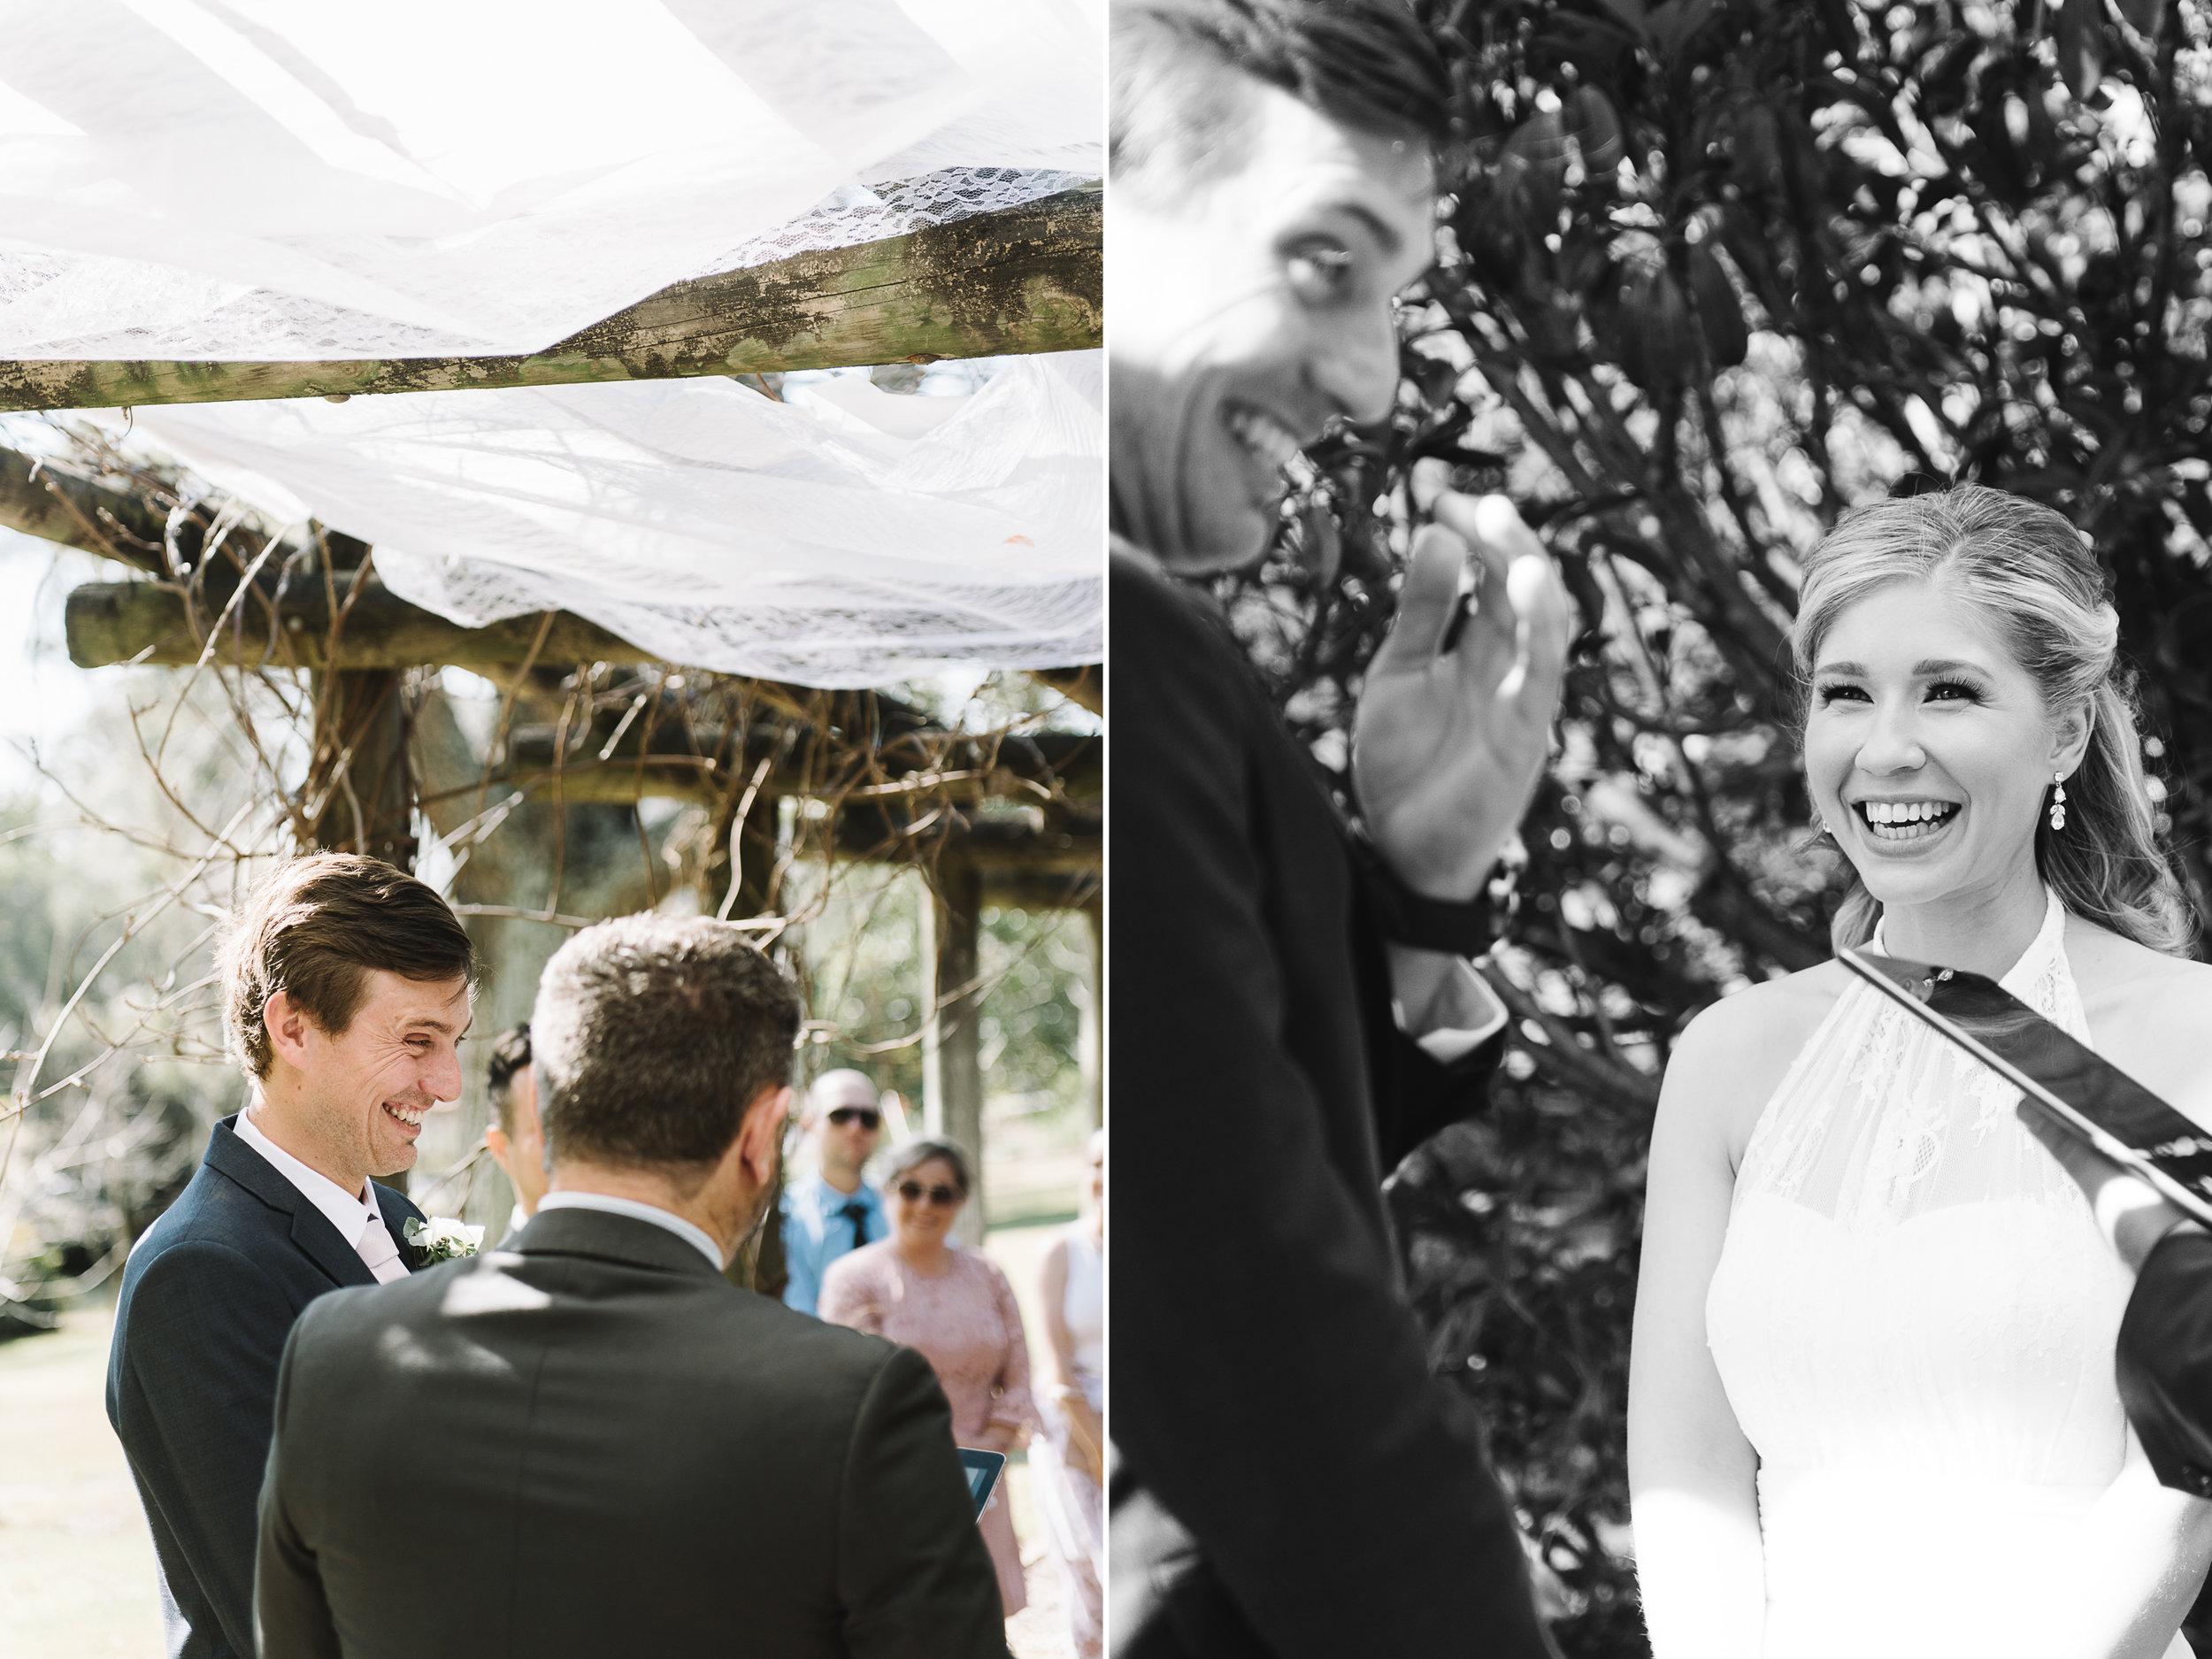 sydney-wedding-photography-ceremony-5.jpg